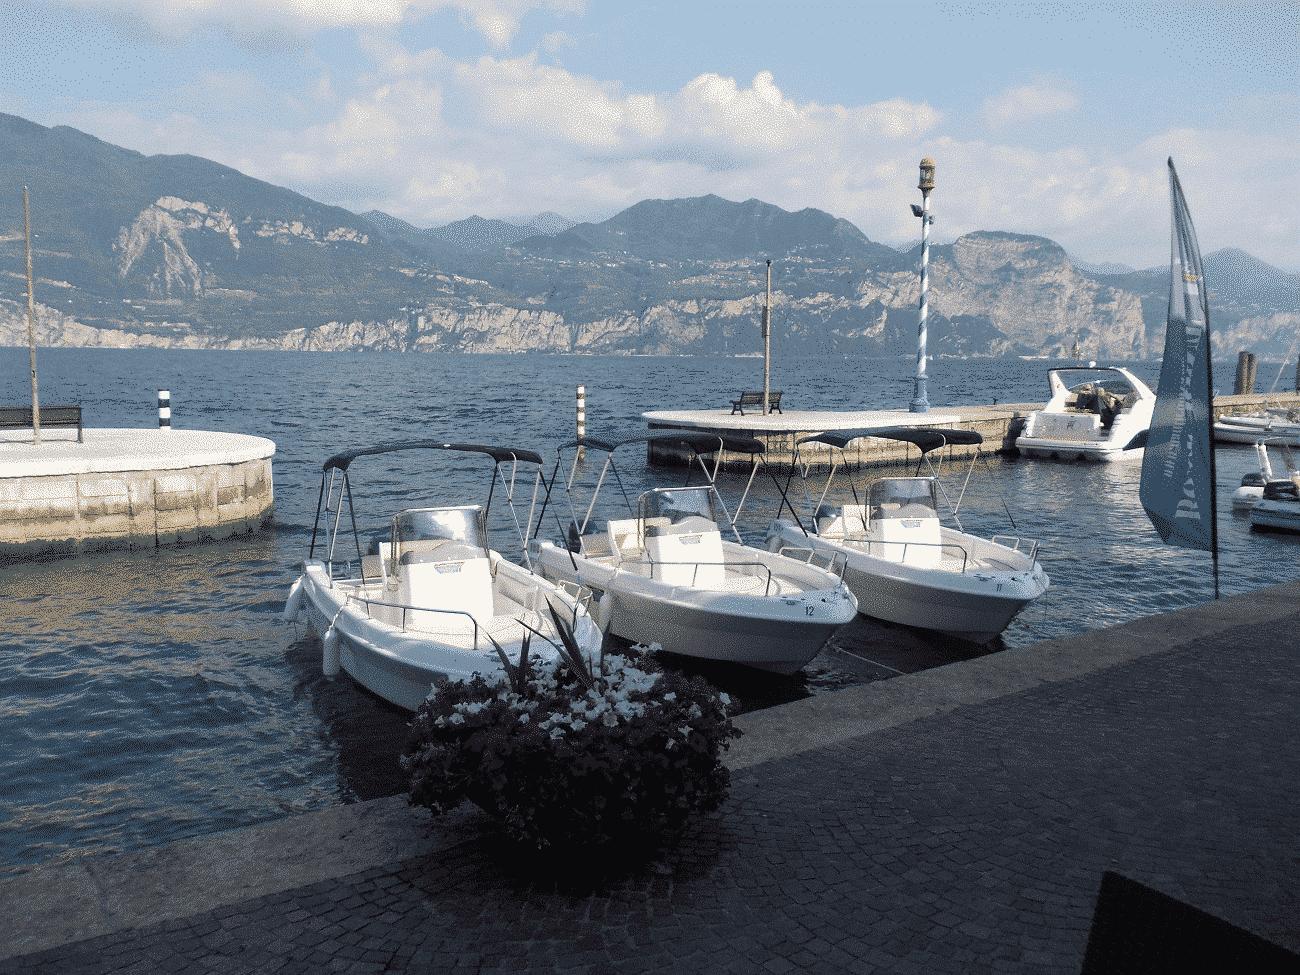 Noleggio barche per cerimonie, eventi e taxi veloci sul Lago di Garda